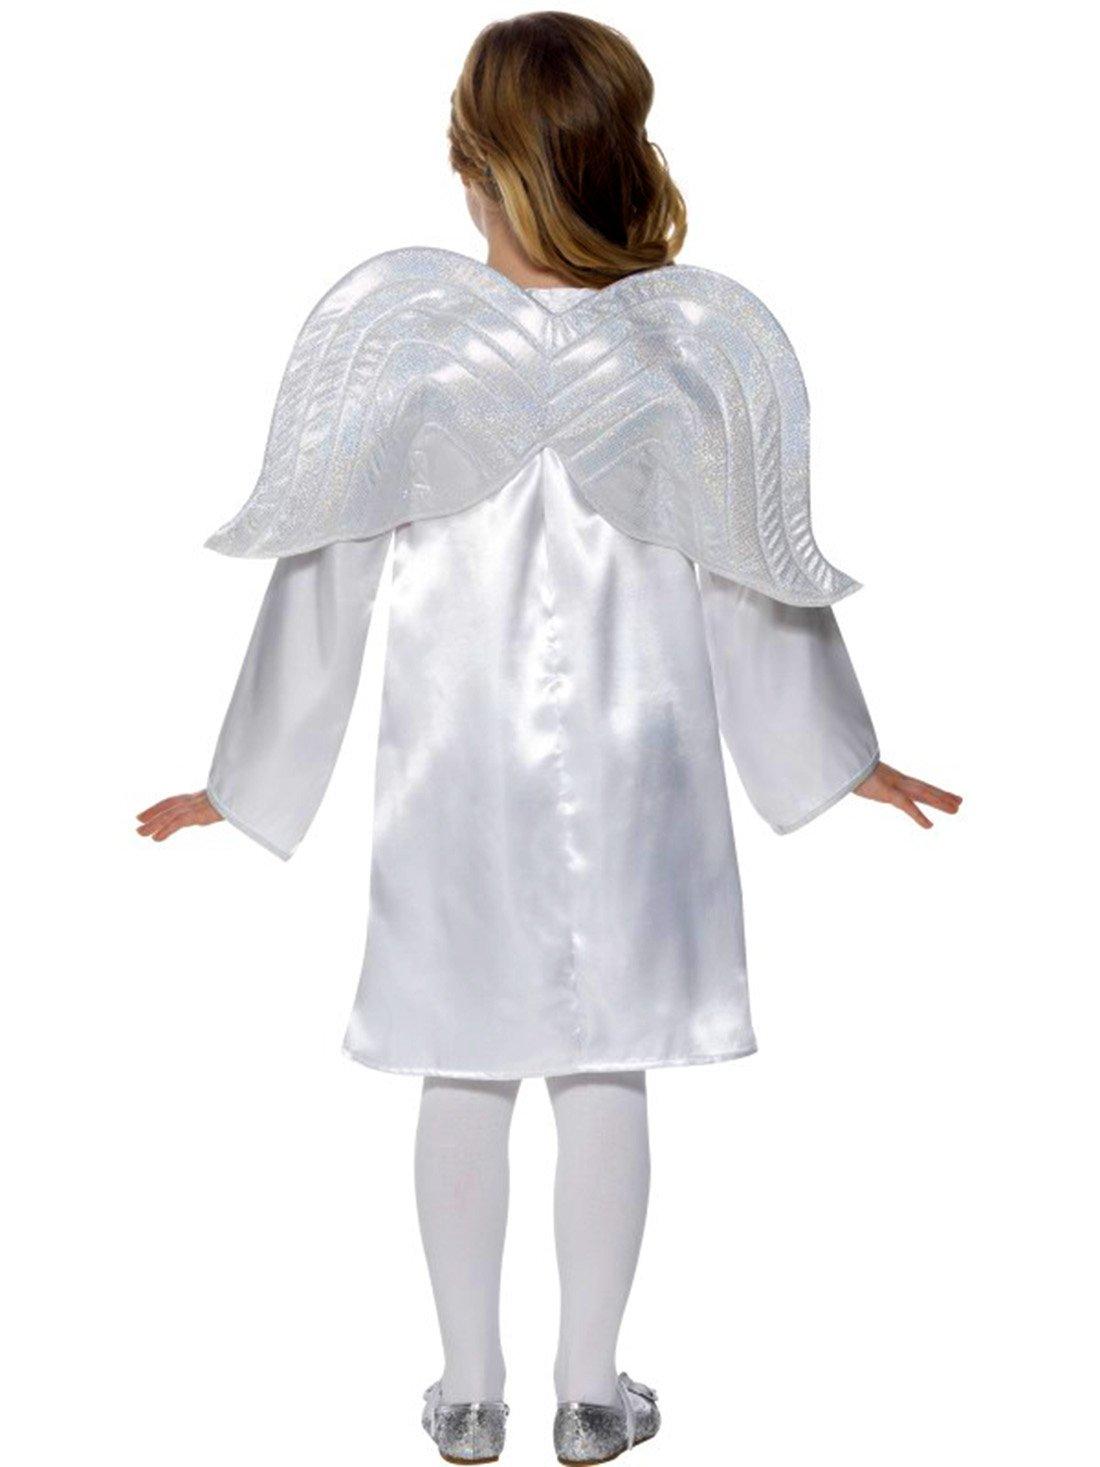 confettery – Disfraz para niños Navidad Chica Disfraz Navidad ...